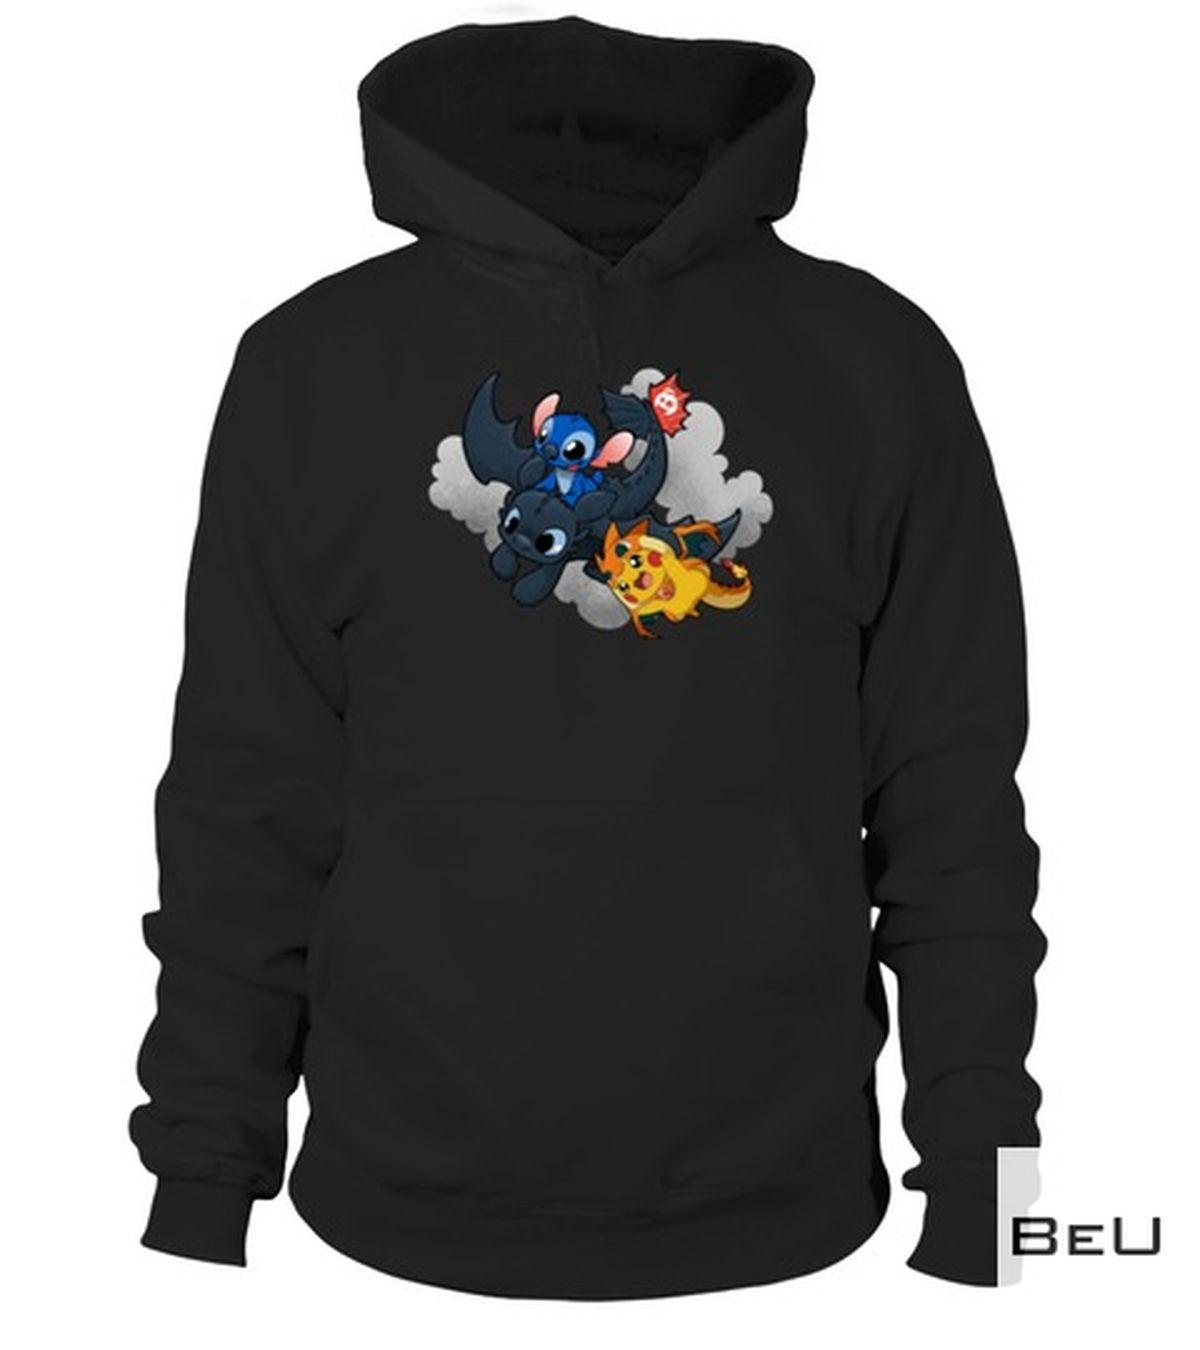 Vibrant Pikachu Stick Fury Night Flying Shirt, hoodie, tank top